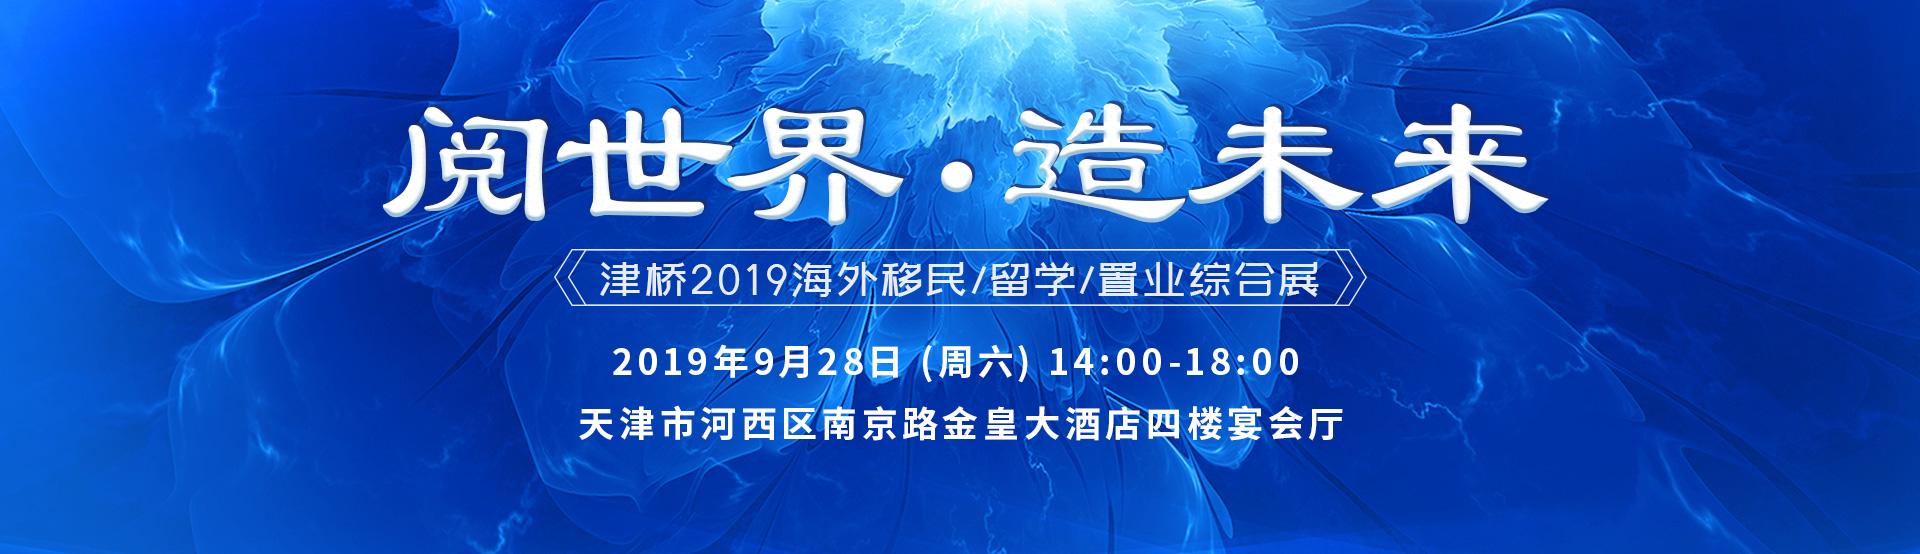 """【天津分公司】""""阅世界 造未来""""津桥国际教育展!"""